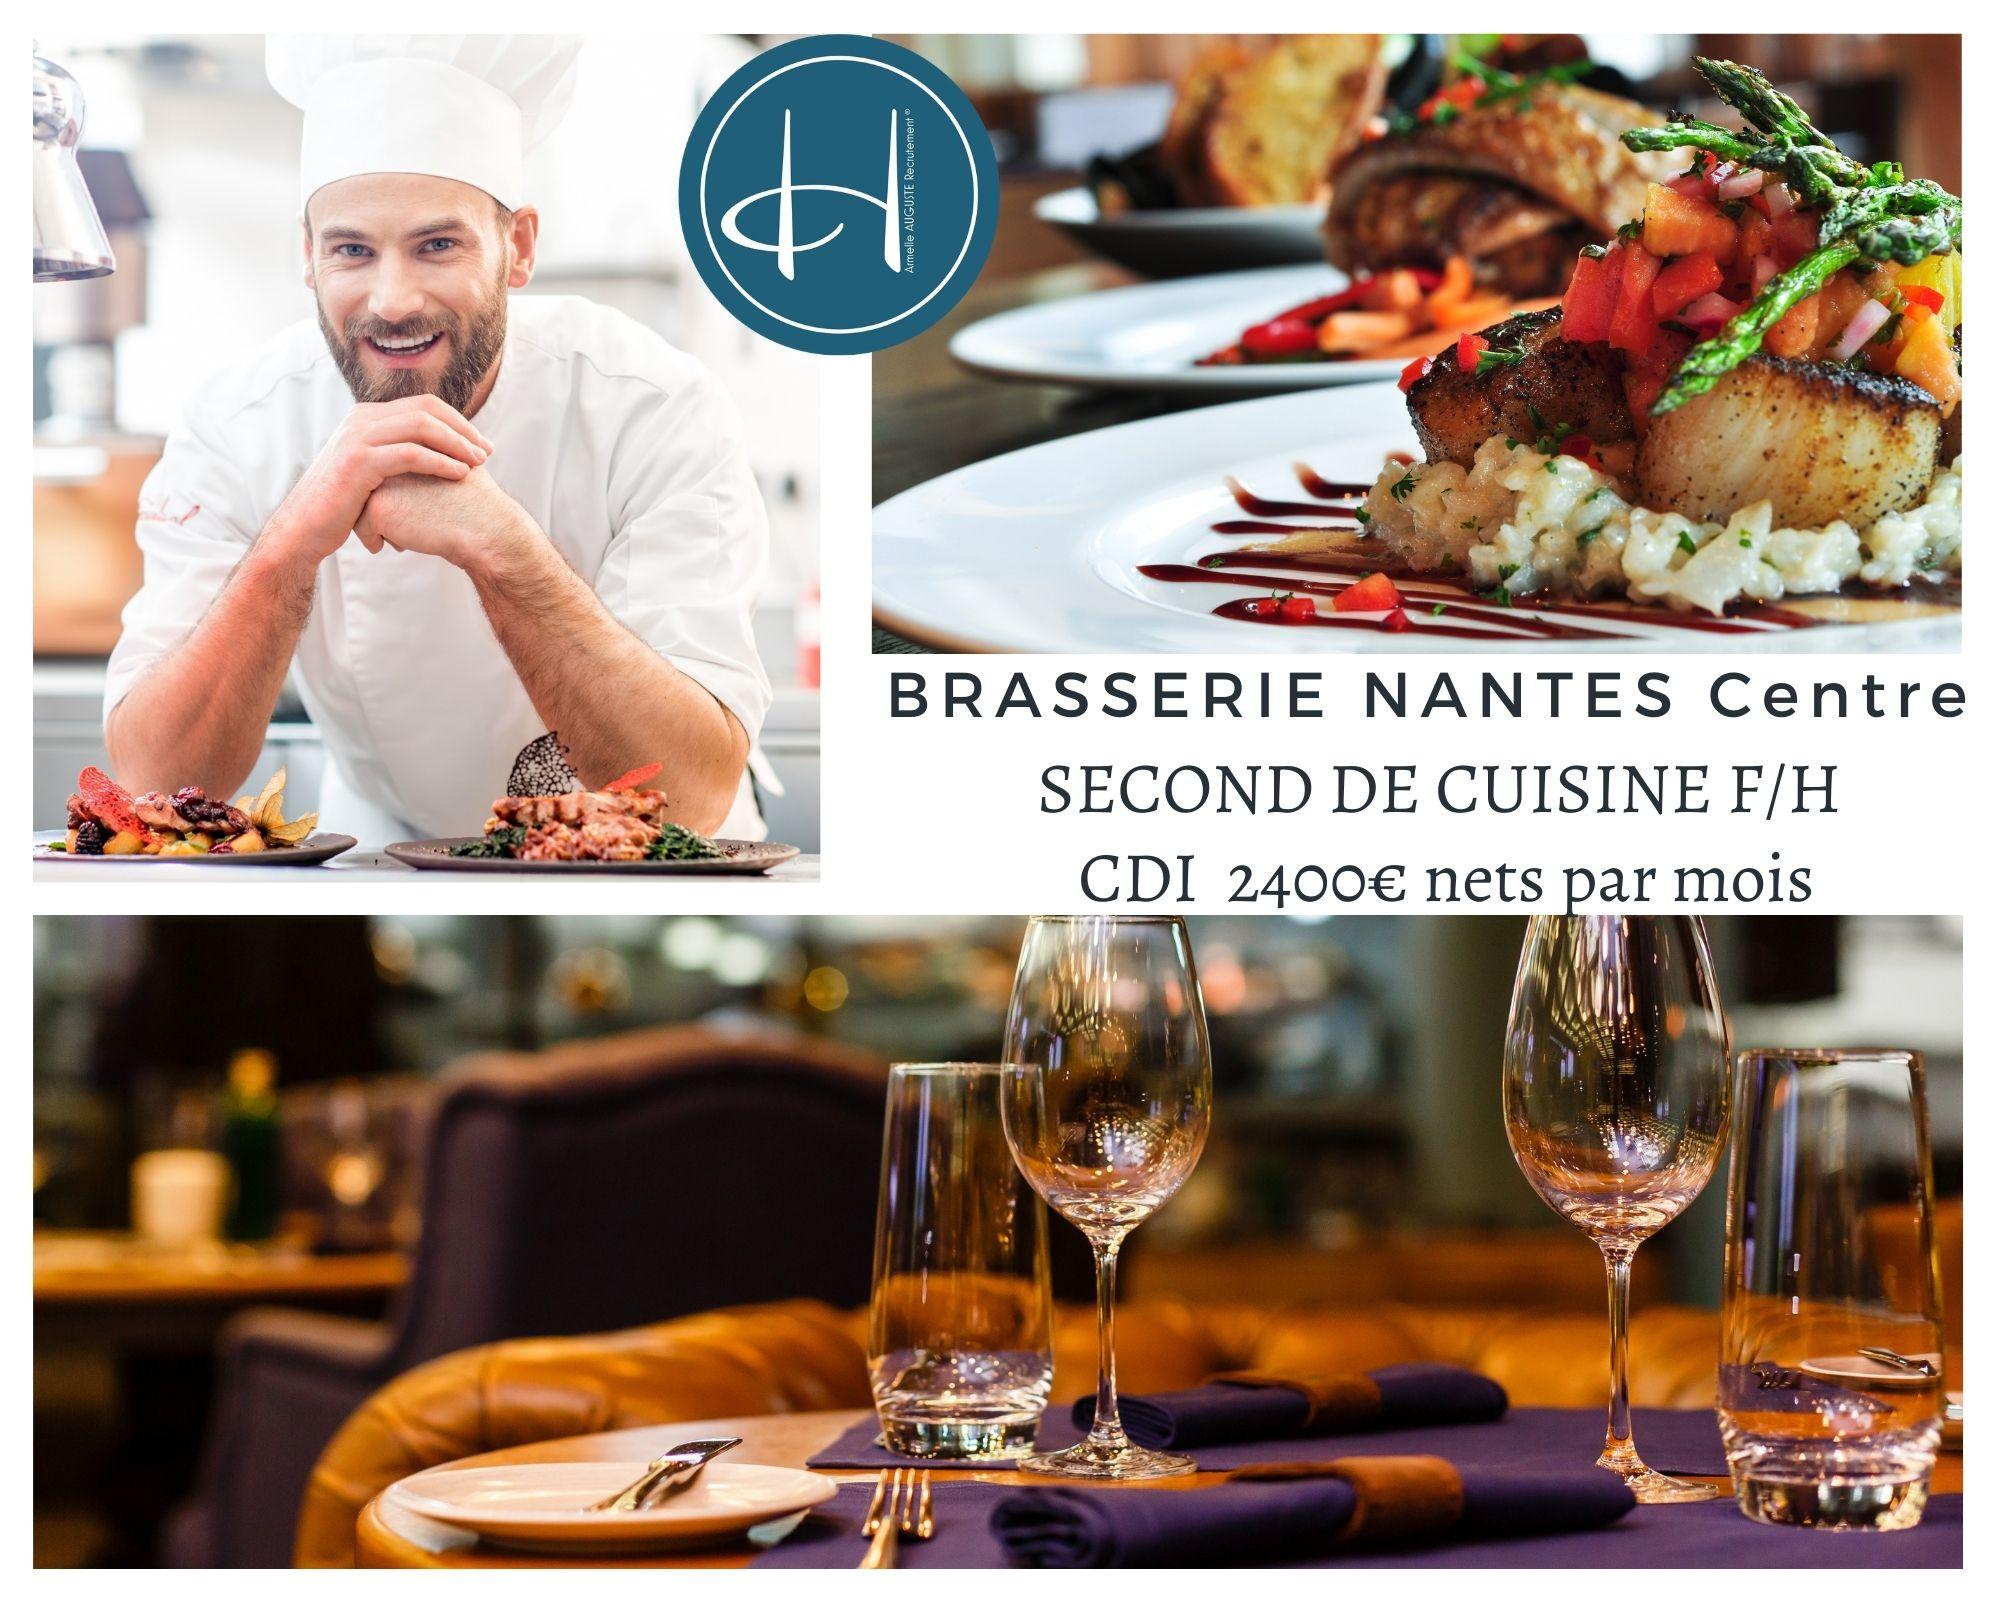 Recrutement: Second de cuisine - Brasserie haut de gamme - Nantes Centre F/H chez Armelle AUGUSTE Recrutement® à Nantes